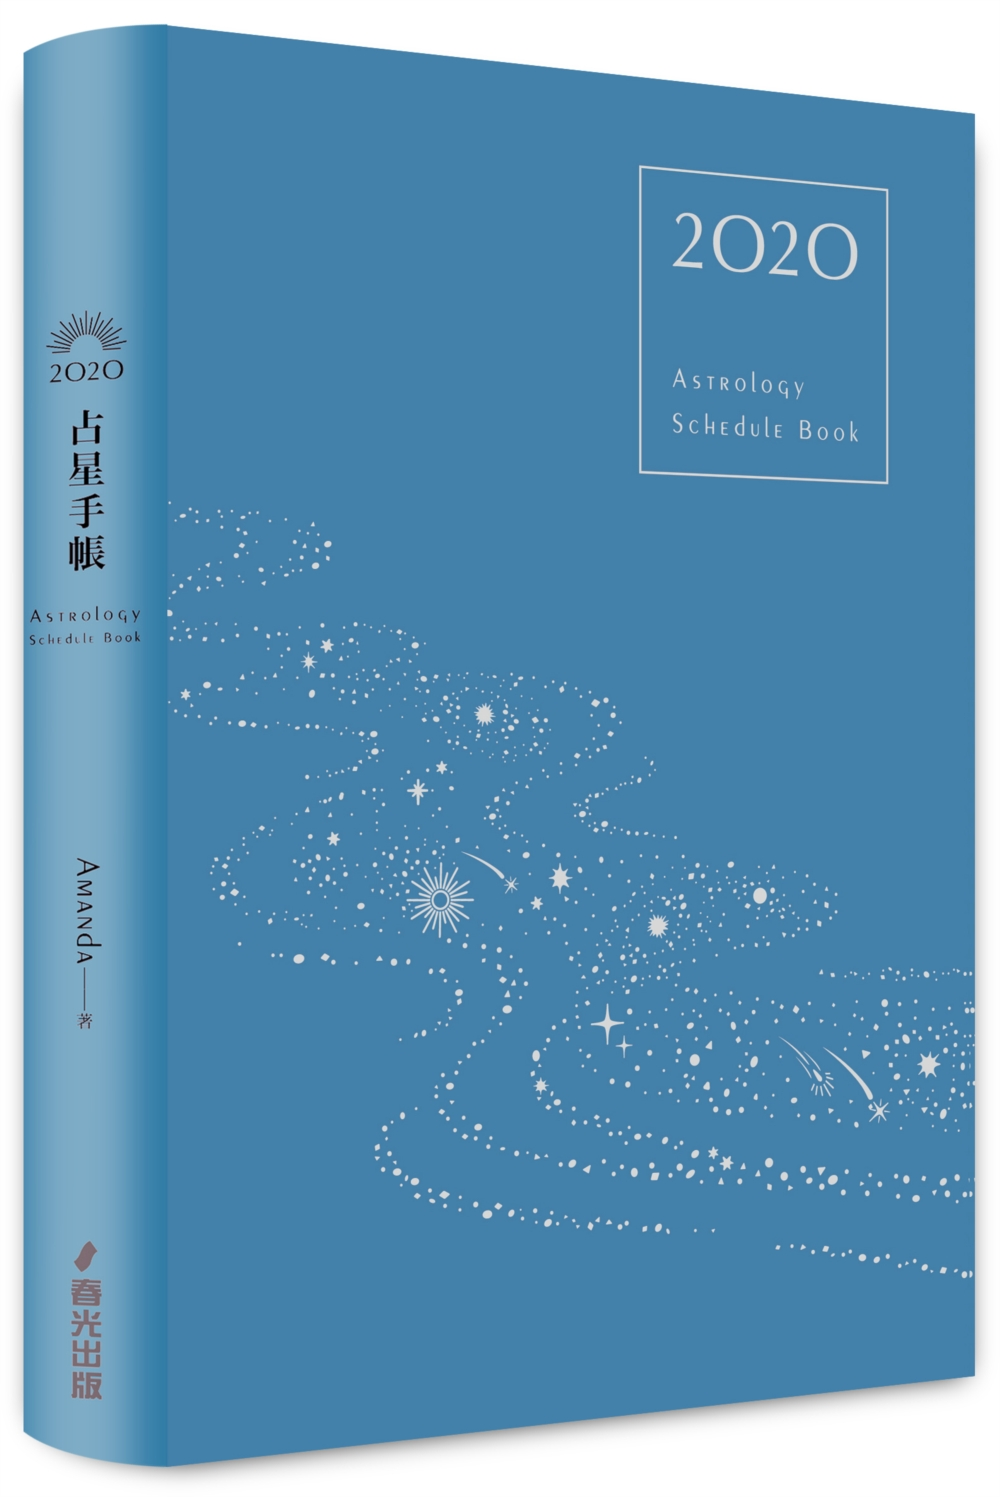 2020占星手帳(燙銀星河圓背軟精裝):完全掌握十二星座全年運勢(內含新月、滿月、日月食、月空時間、行星動向、月亮星座、水星逆行標示)